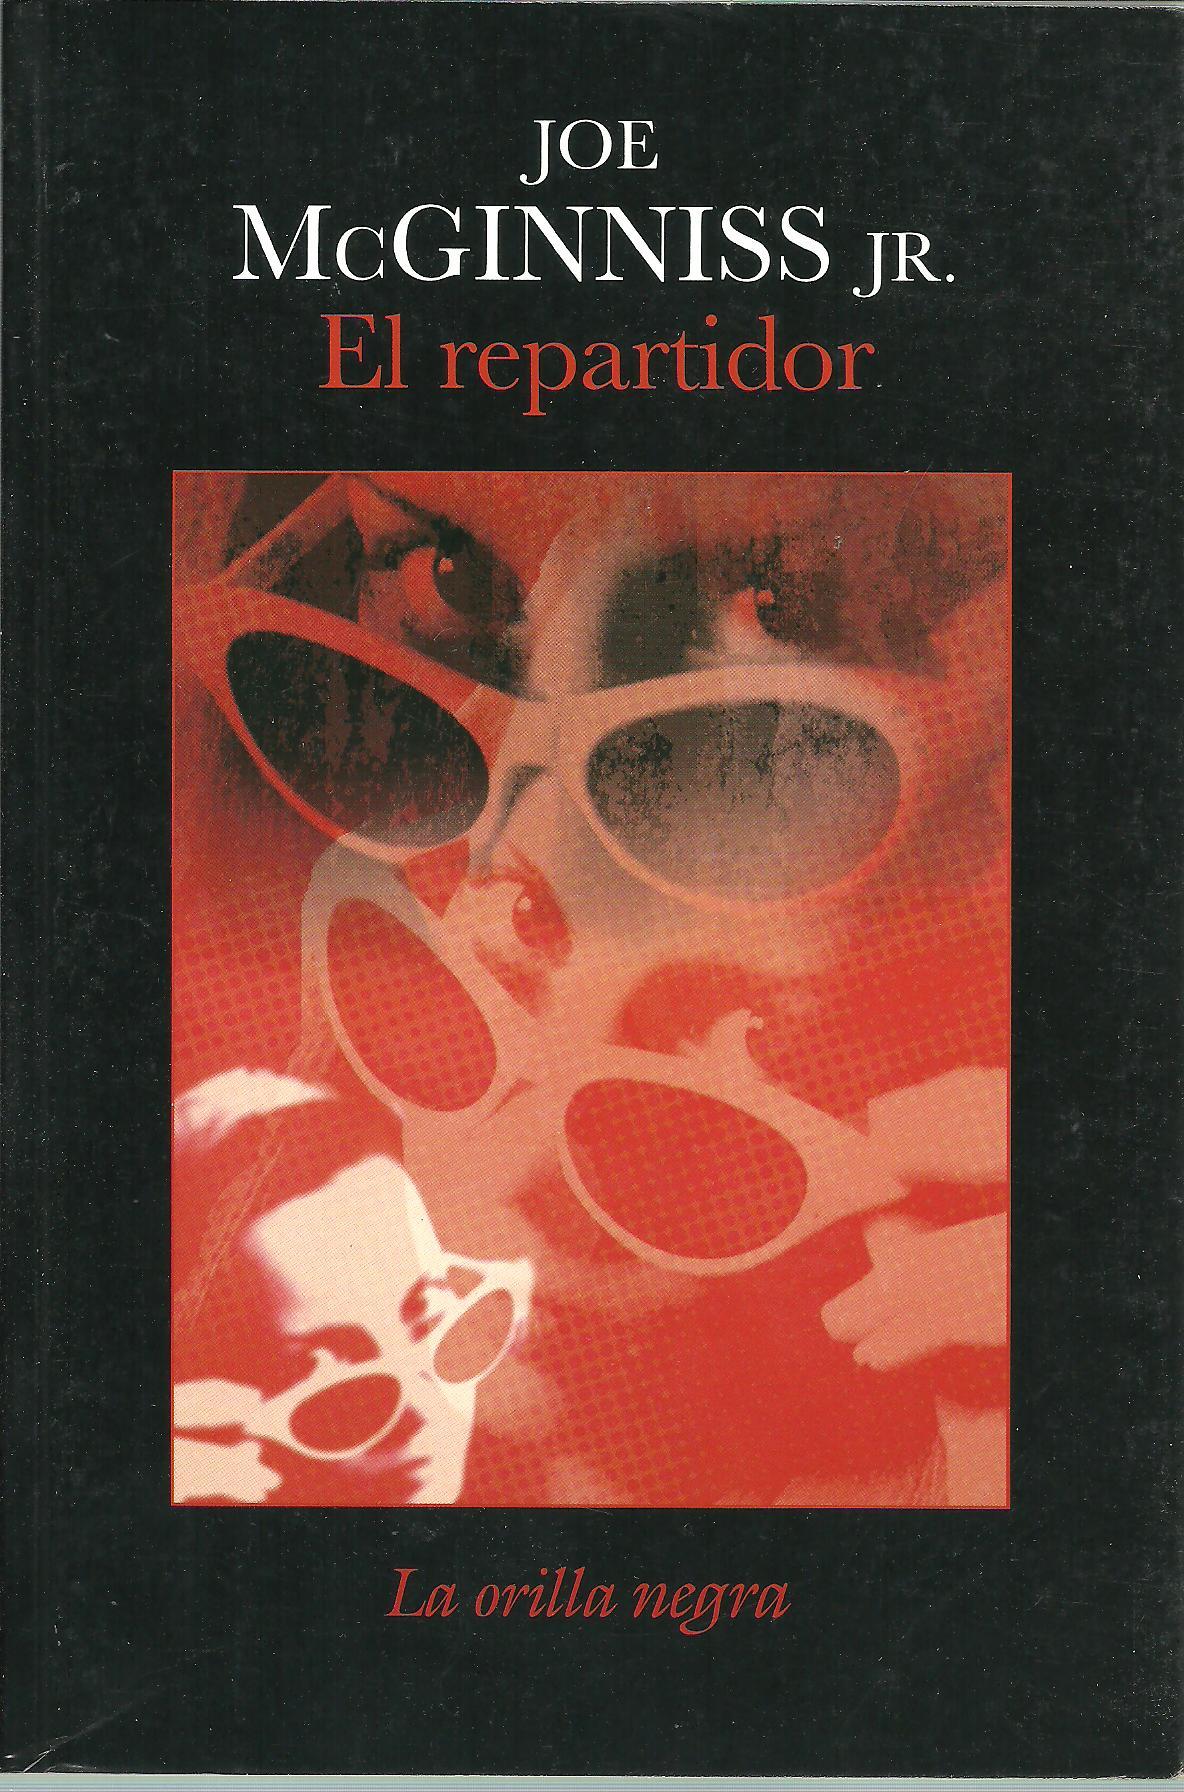 EL REPARTIDOR - JOE MC GINNISS JR